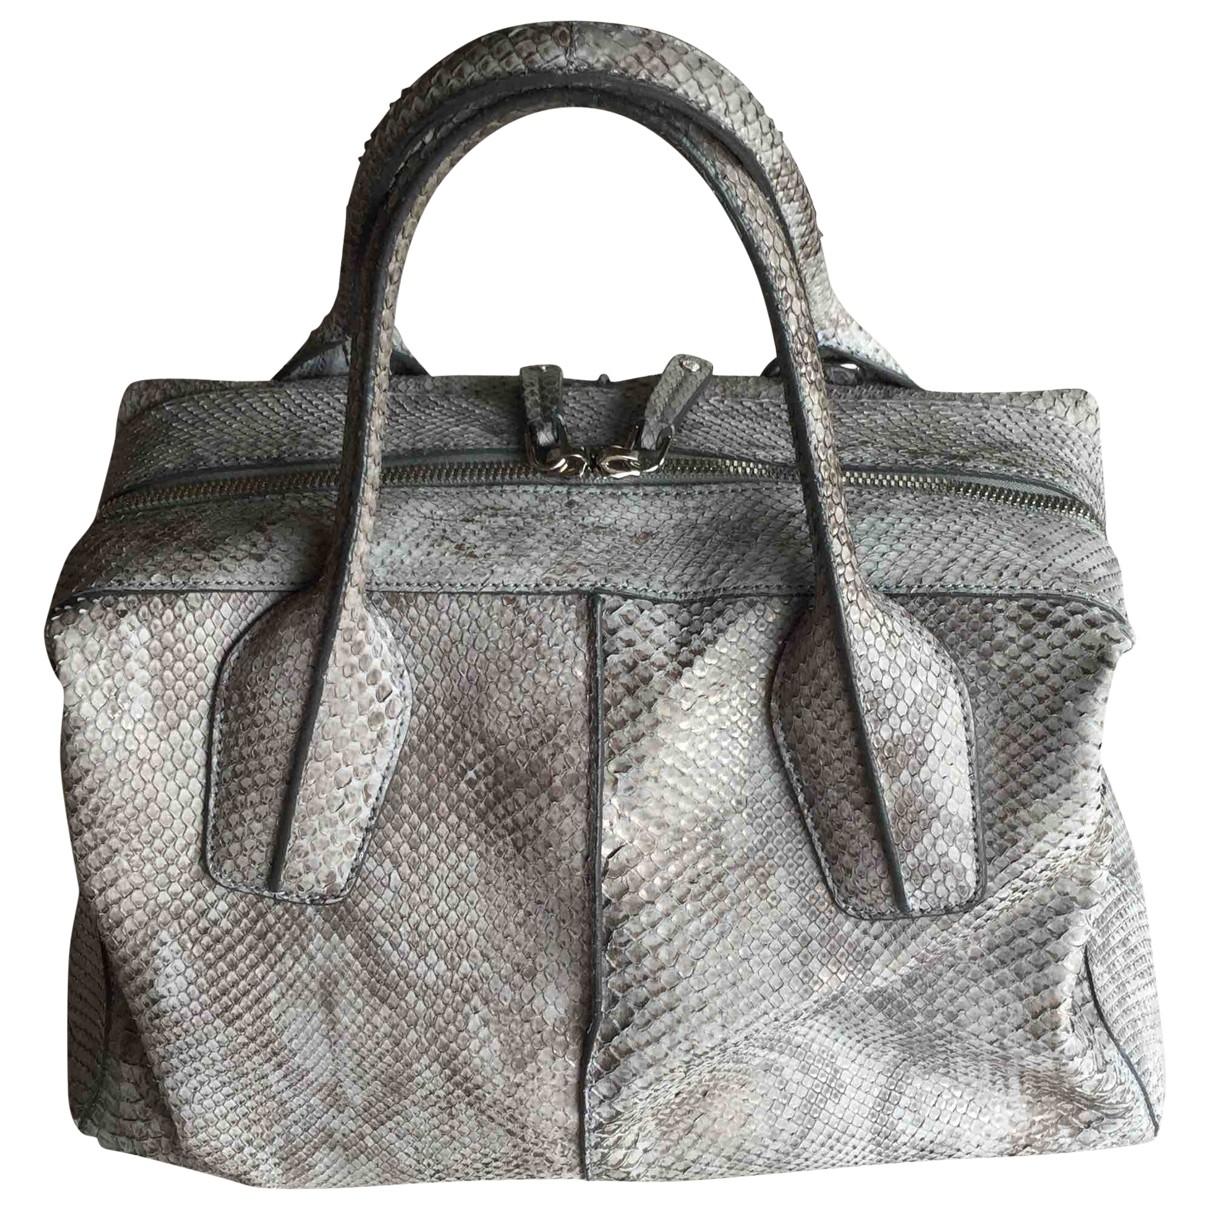 Tods \N Handtasche in  Grau Python